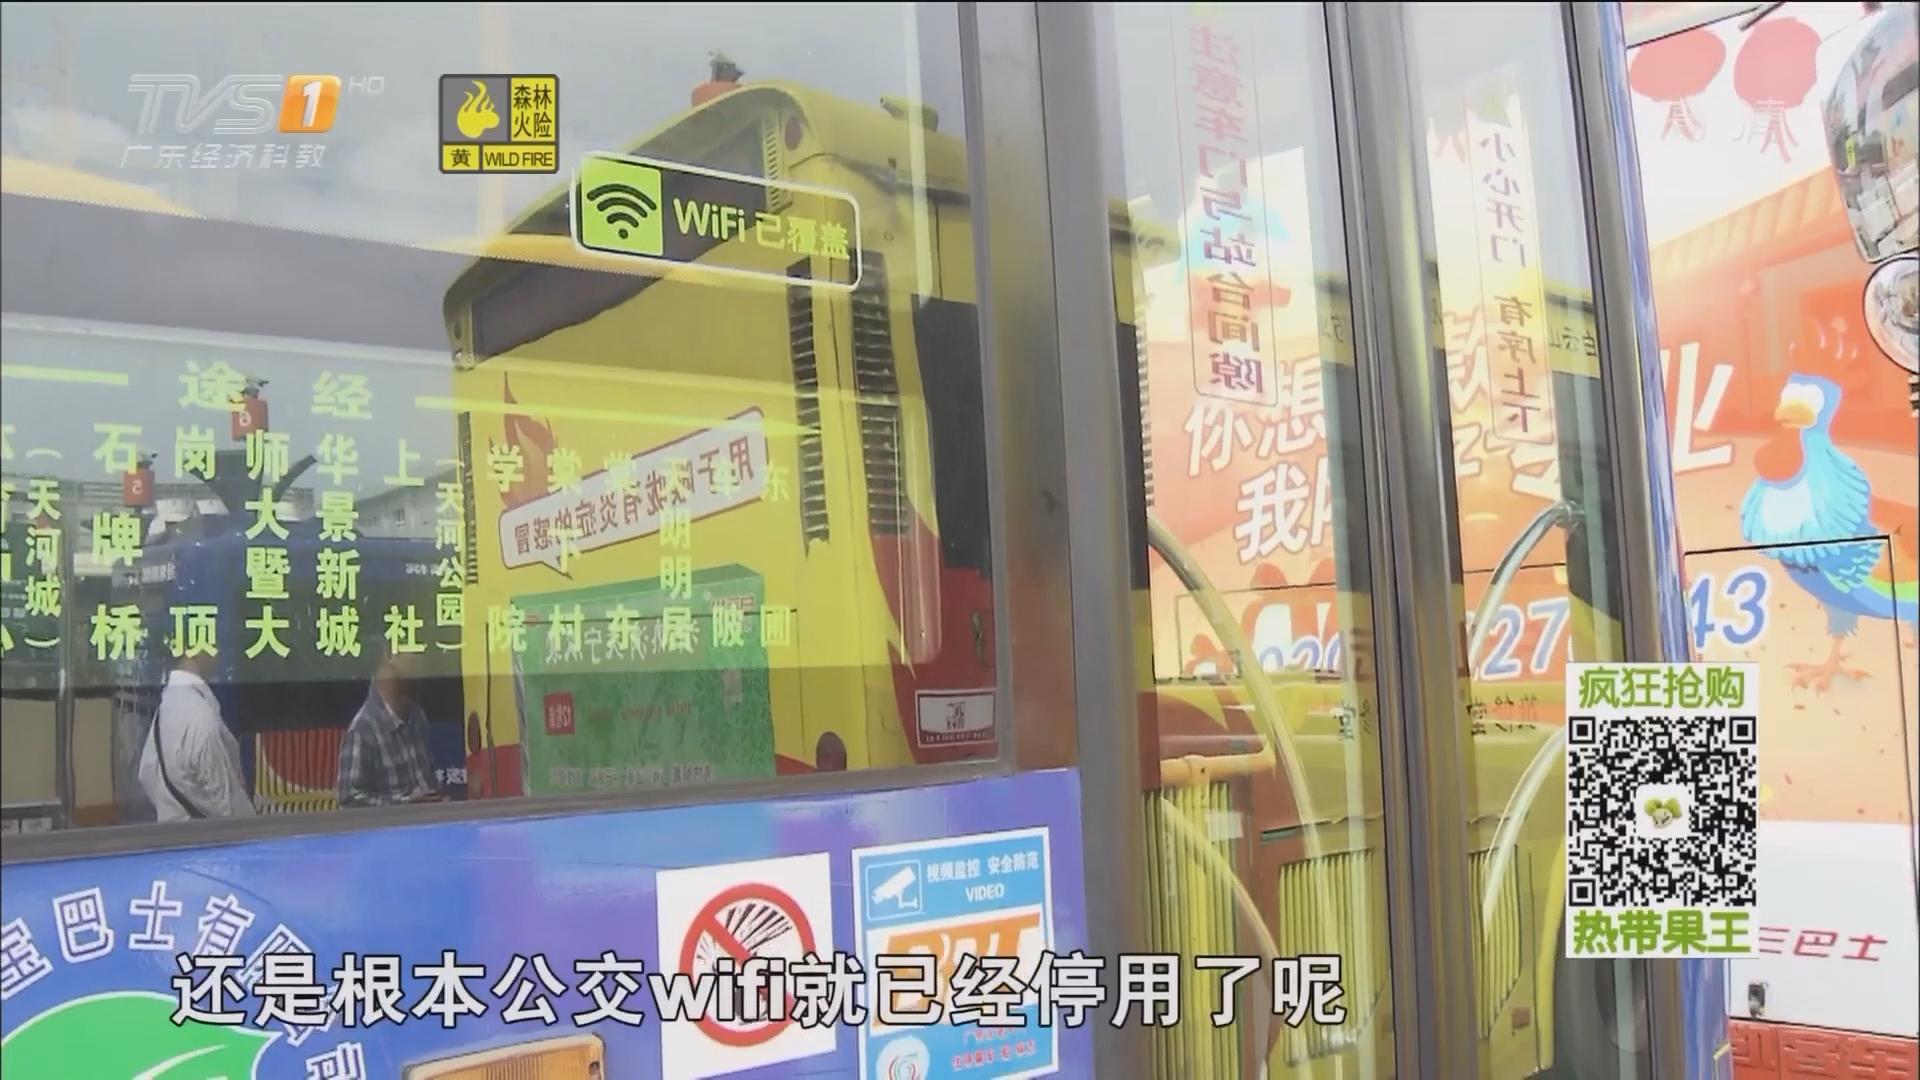 广州公交无法免费上网了 16Wi—Fi疑似亏损停止运营?